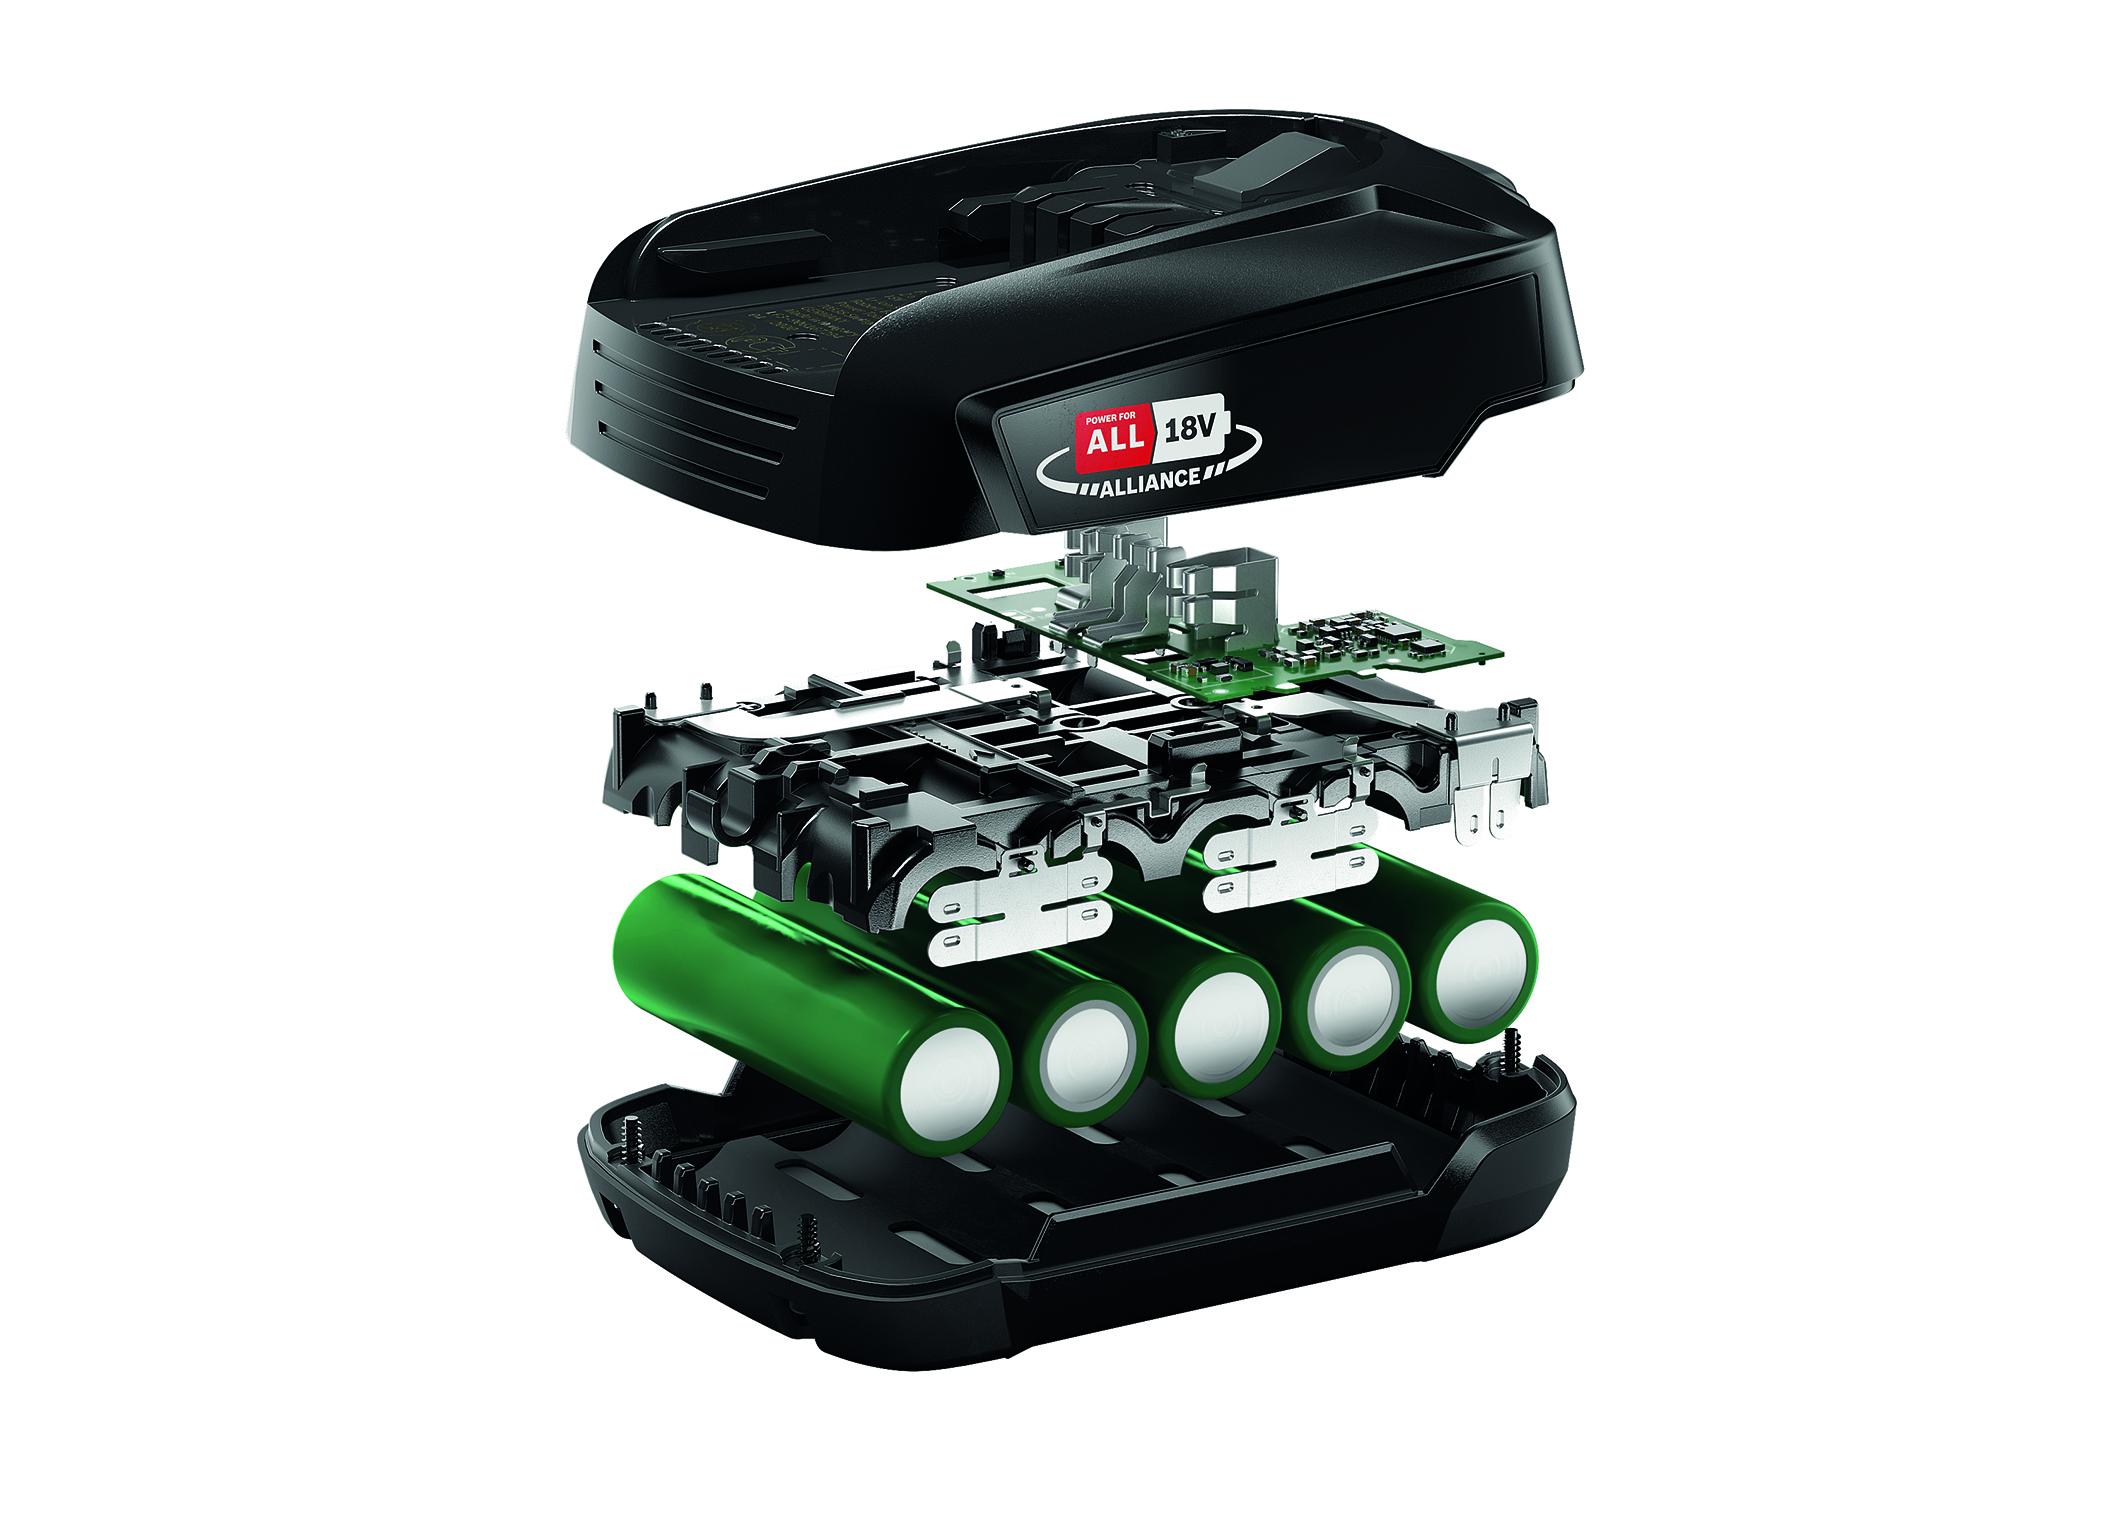 Bateriový systém značek pro výrobky v domácnosti i v celém domě: Napájení pro All Alliance založené na akumulátoru Bosch